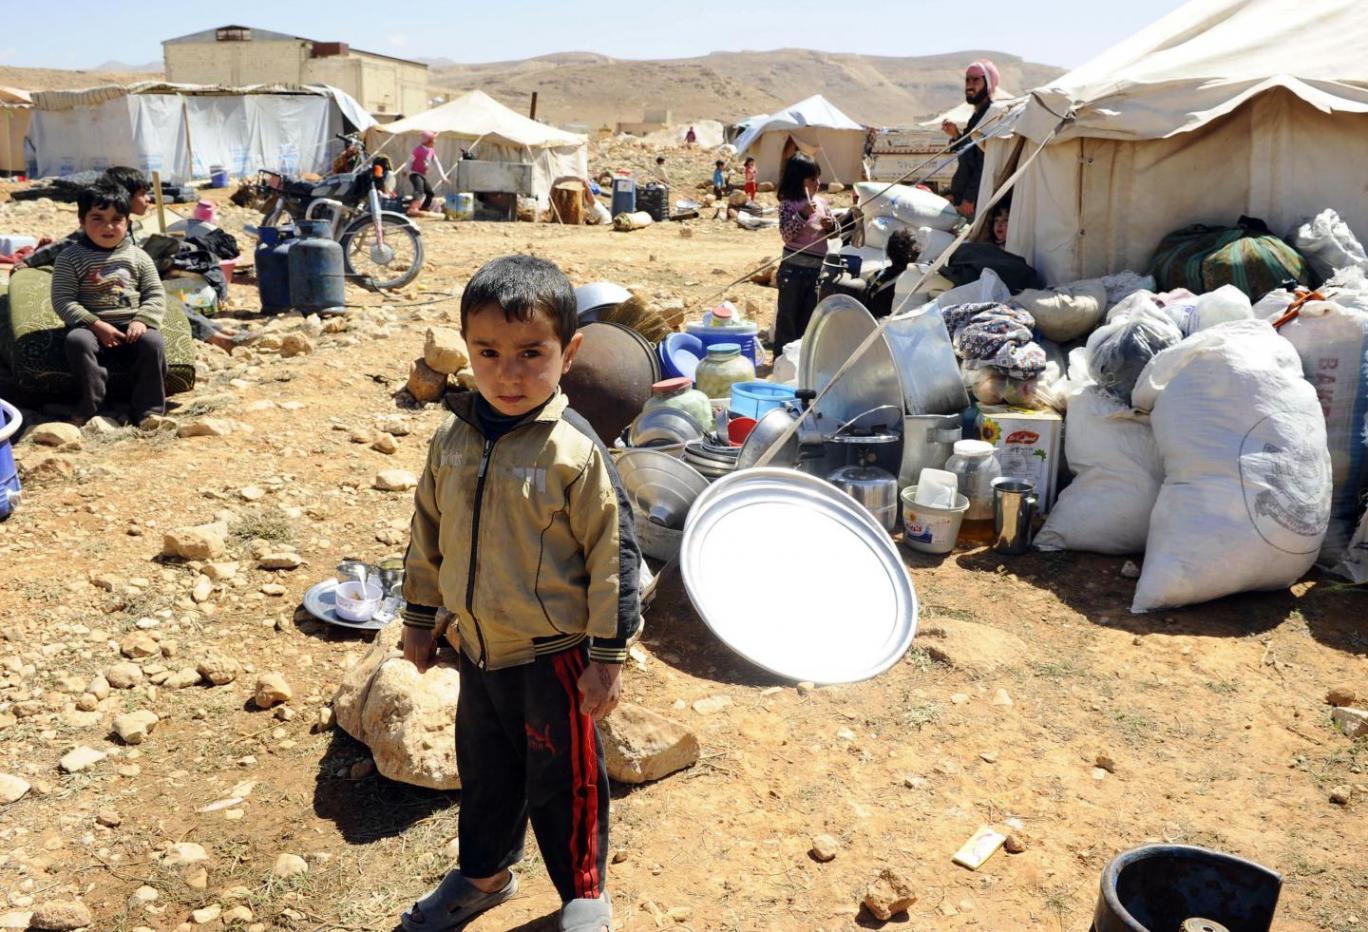 أزمة اللجوء تتفاقم في لبنان: فقراء يضطهدون فقراء!